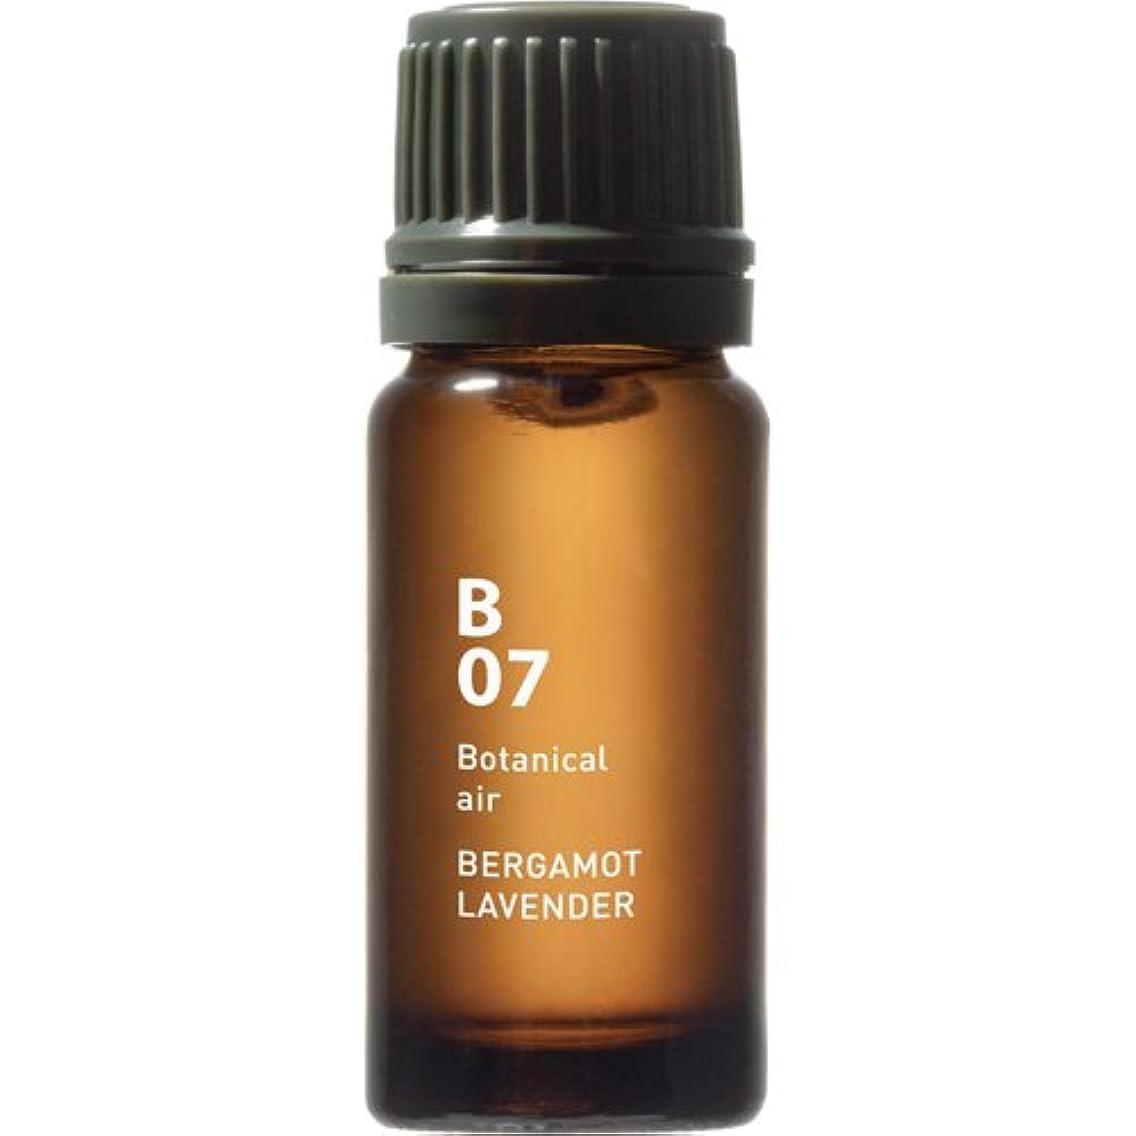 ベスビオ山受ける呼ぶB07 ベルガモットラベンダー Botanical air(ボタニカルエアー) 10ml